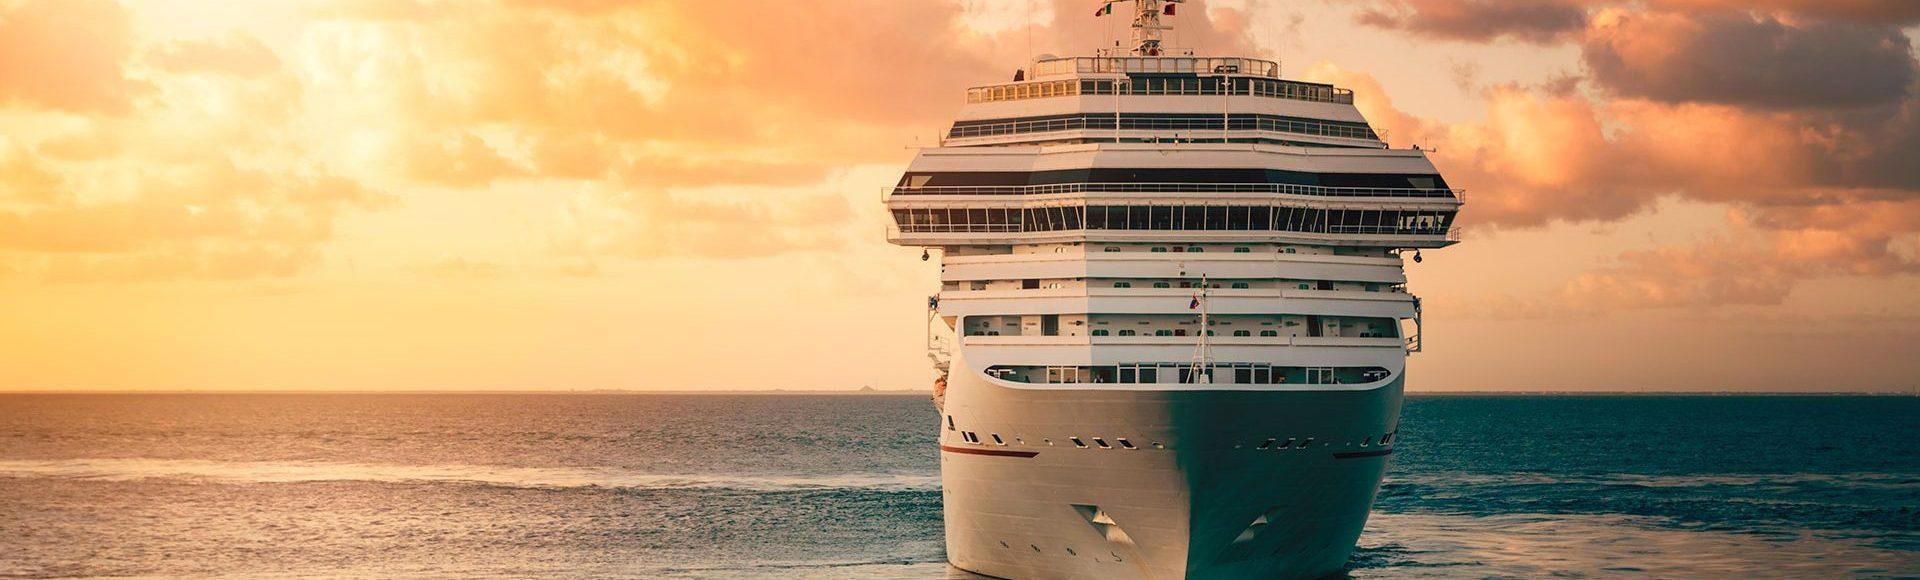 crucero-vacaciones-02